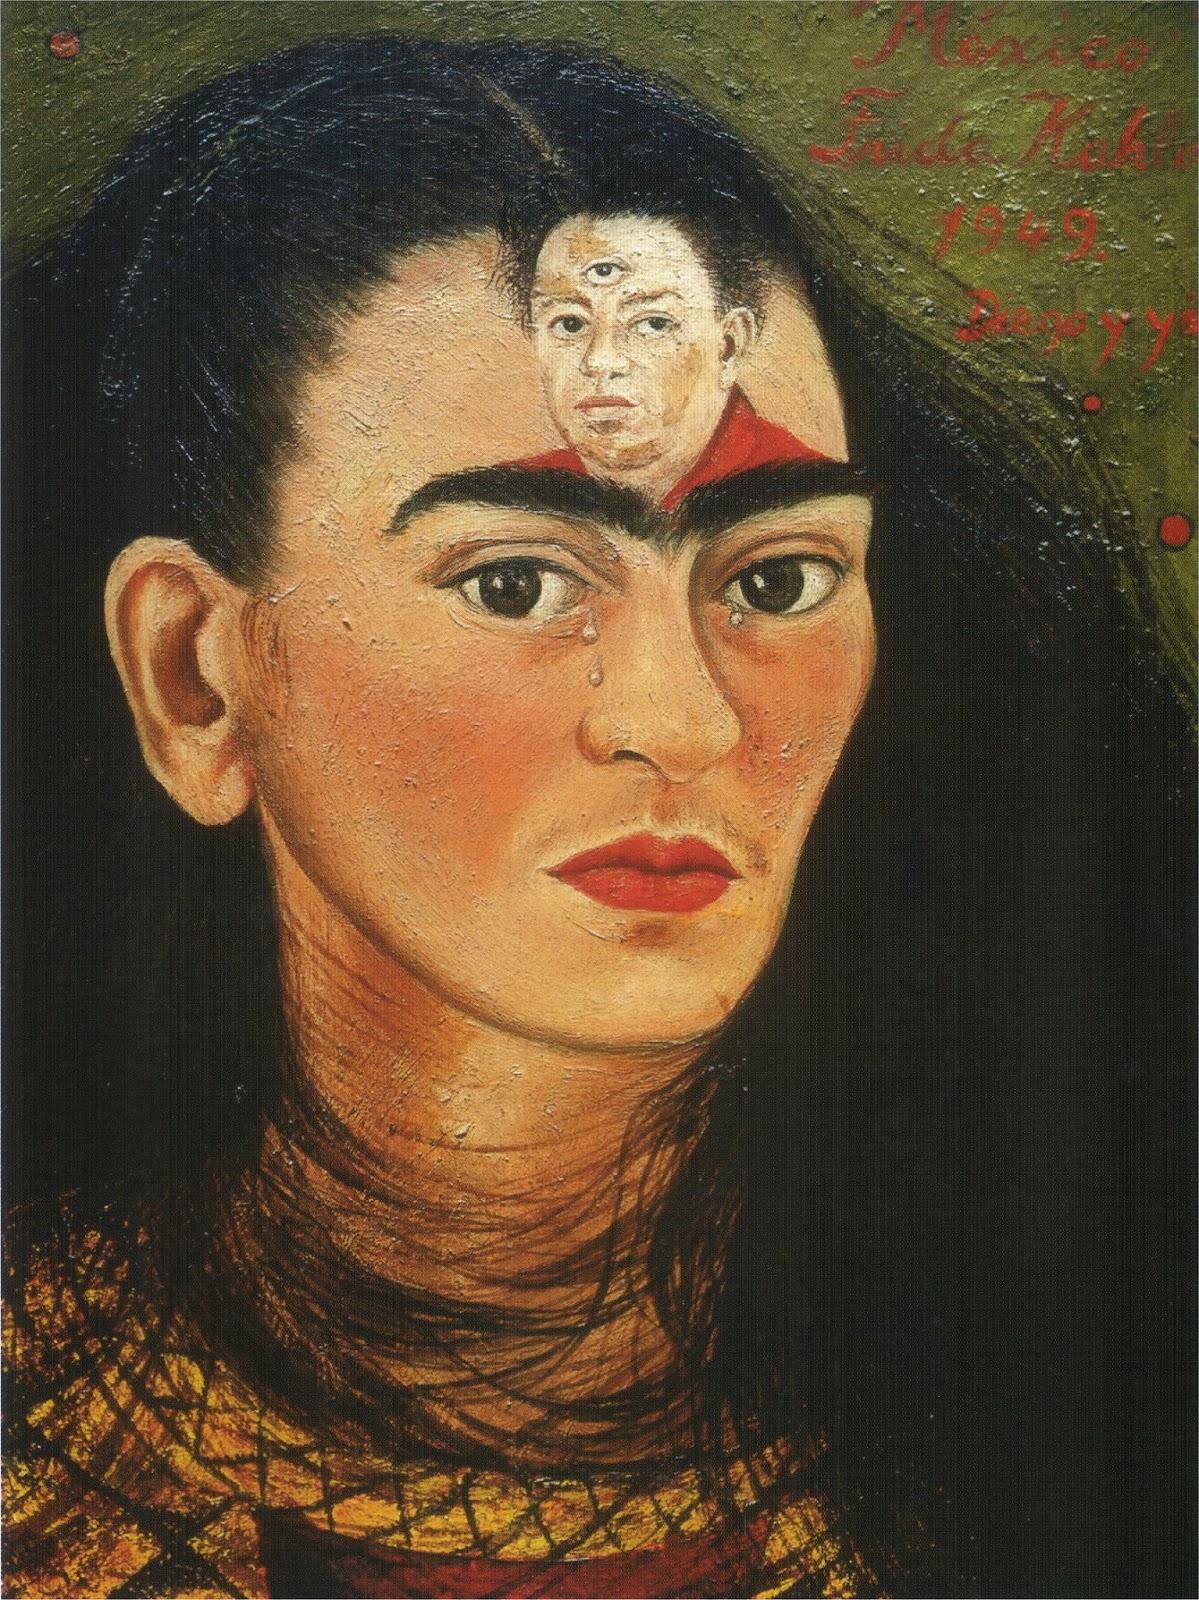 http://2.bp.blogspot.com/-6SLoqQrn3rg/UlgT8F9sdoI/AAAAAAAACbM/l3NrFH4akQ8/s1600/Kalho+Frida+-+Diego+and+i+-+1949.jpg